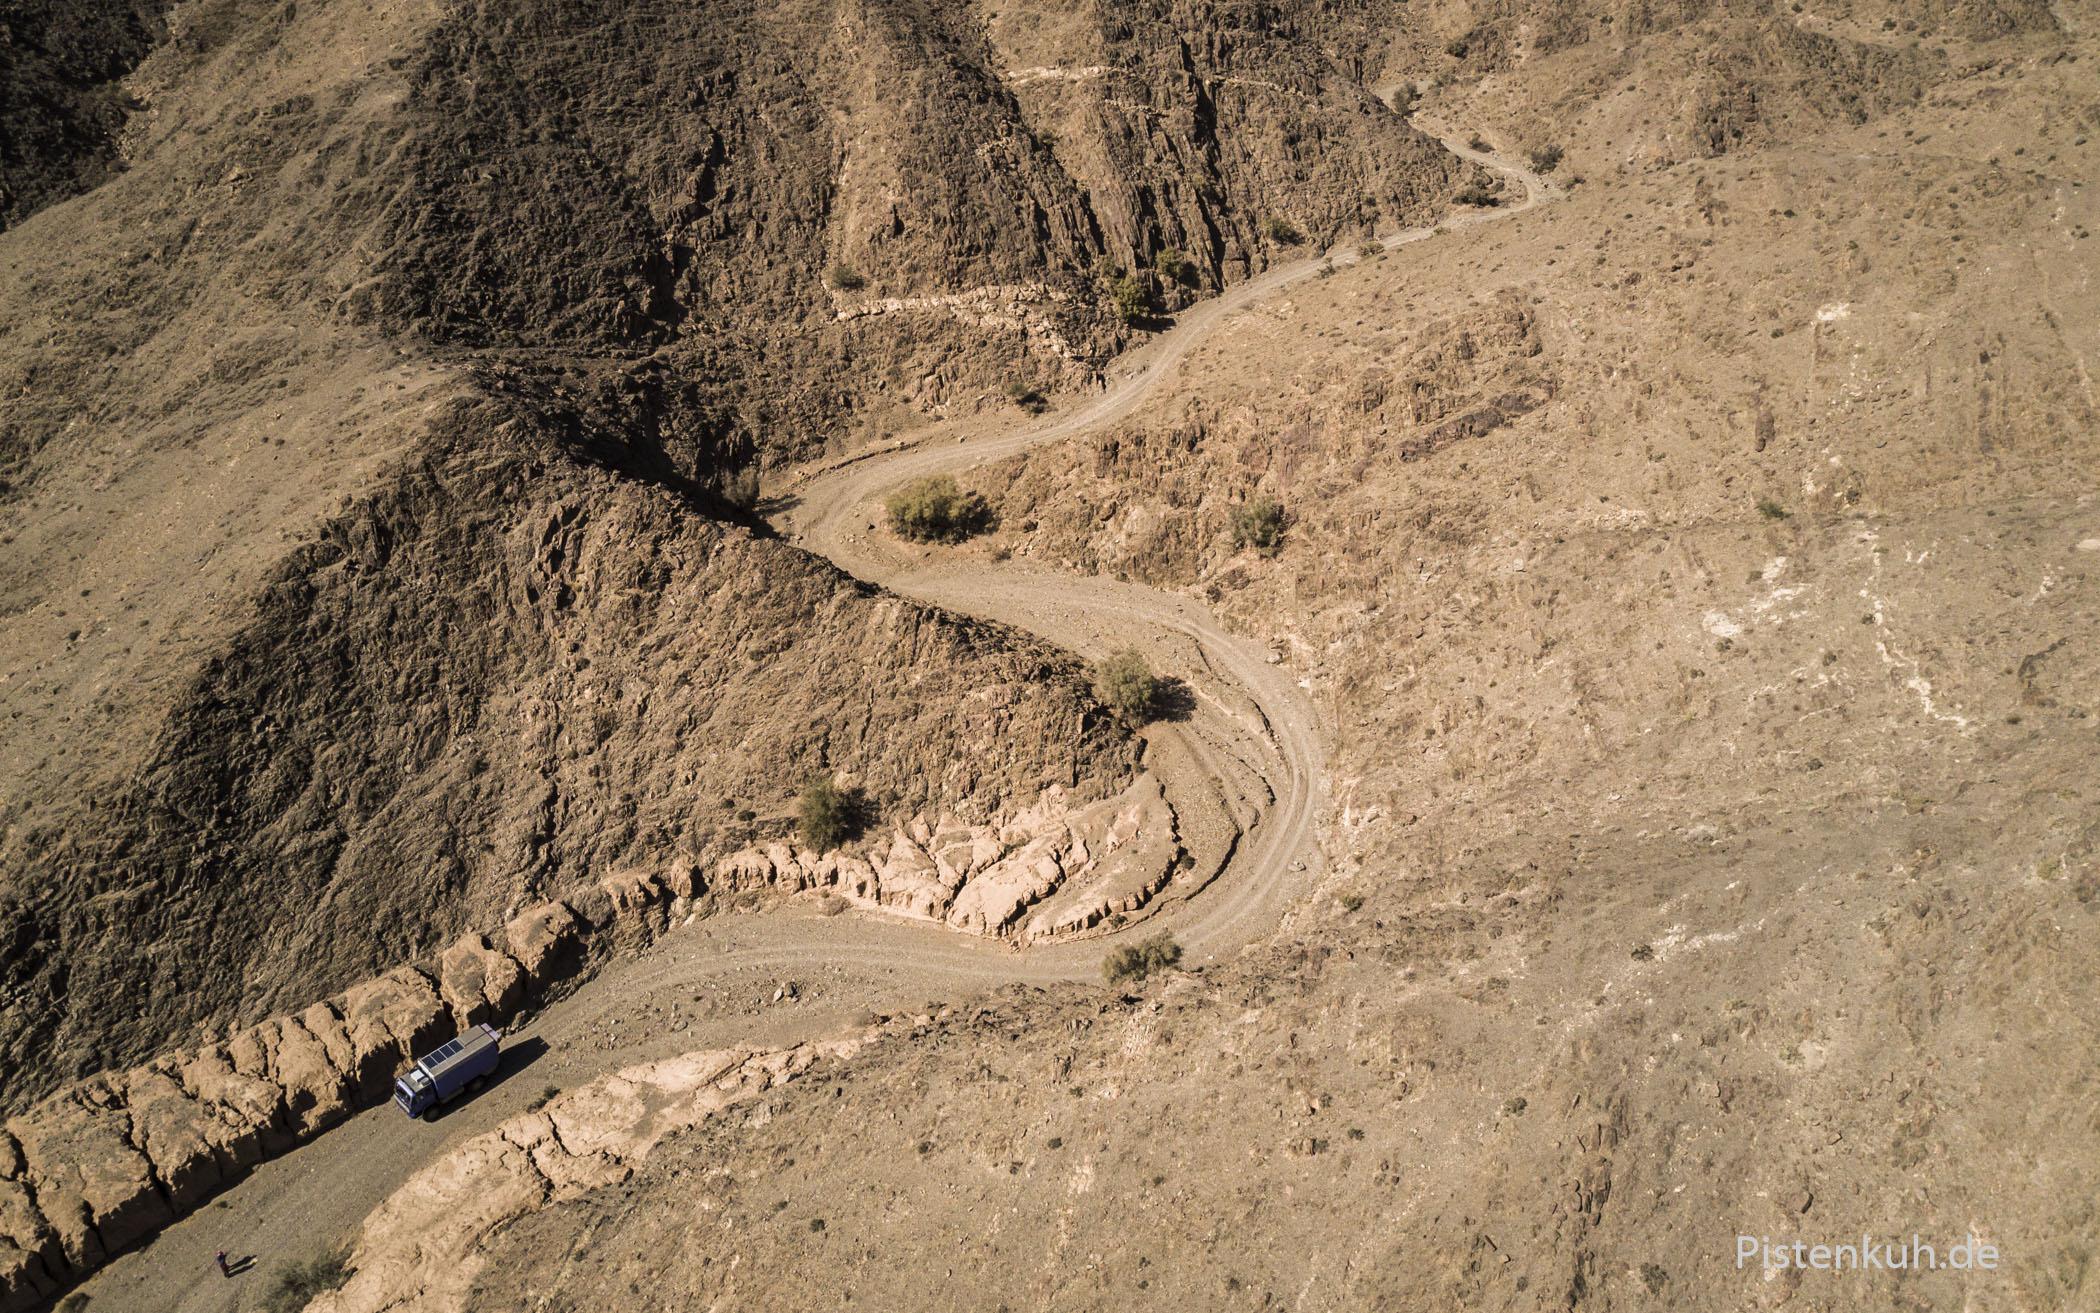 Eine namenlose, völlig unbekannte Schlucht am Rand der Westsahara